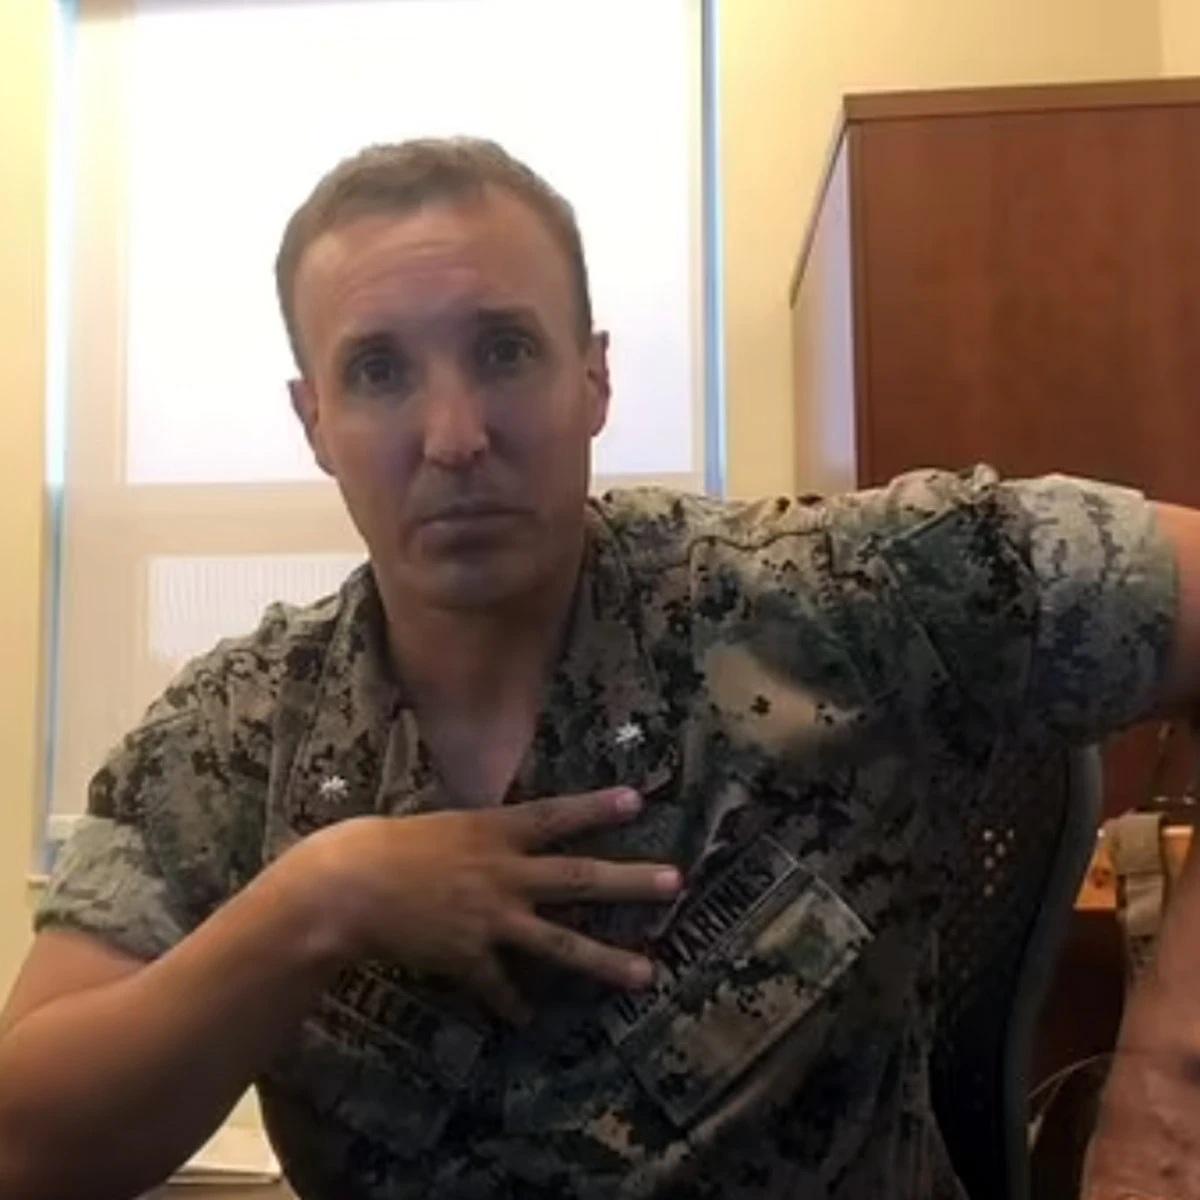 સૈનિકે કહ્યું- કાબુલમાં 'અમે ગરબડ કરી, વ્યર્થમાં માર્યા ગયા નિર્દોષ', સૈનિકે અધિકારીઓને લગાવી ફટકાર|વર્લ્ડ,International - Divya Bhaskar